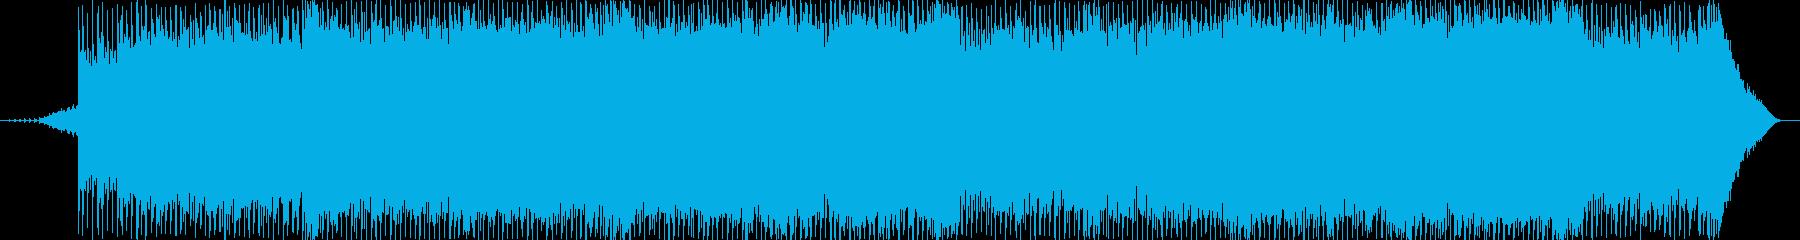 クリスマスソングの再生済みの波形